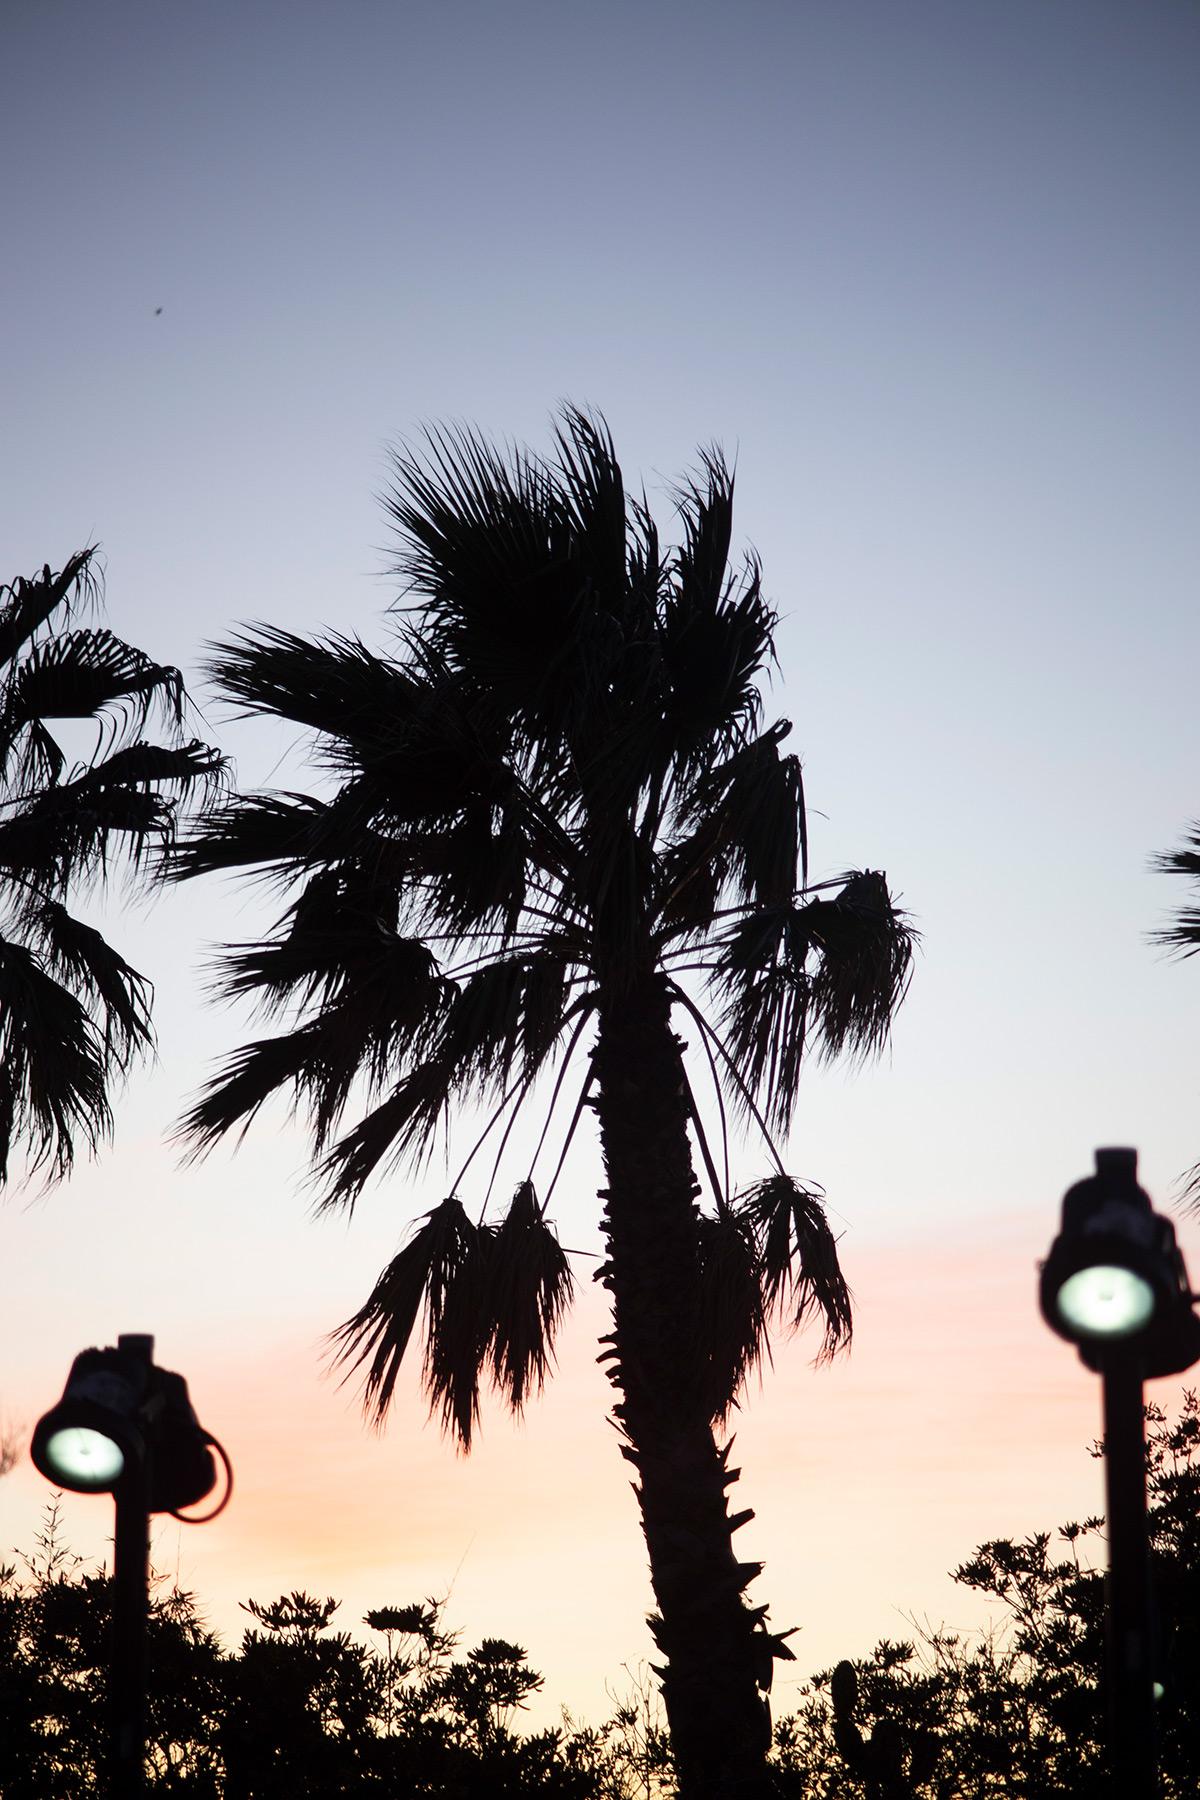 Photographie d'un coucher de soleil depuis la plage des Catalans à Marseille réalisée par la photographe Mathilde Troussard